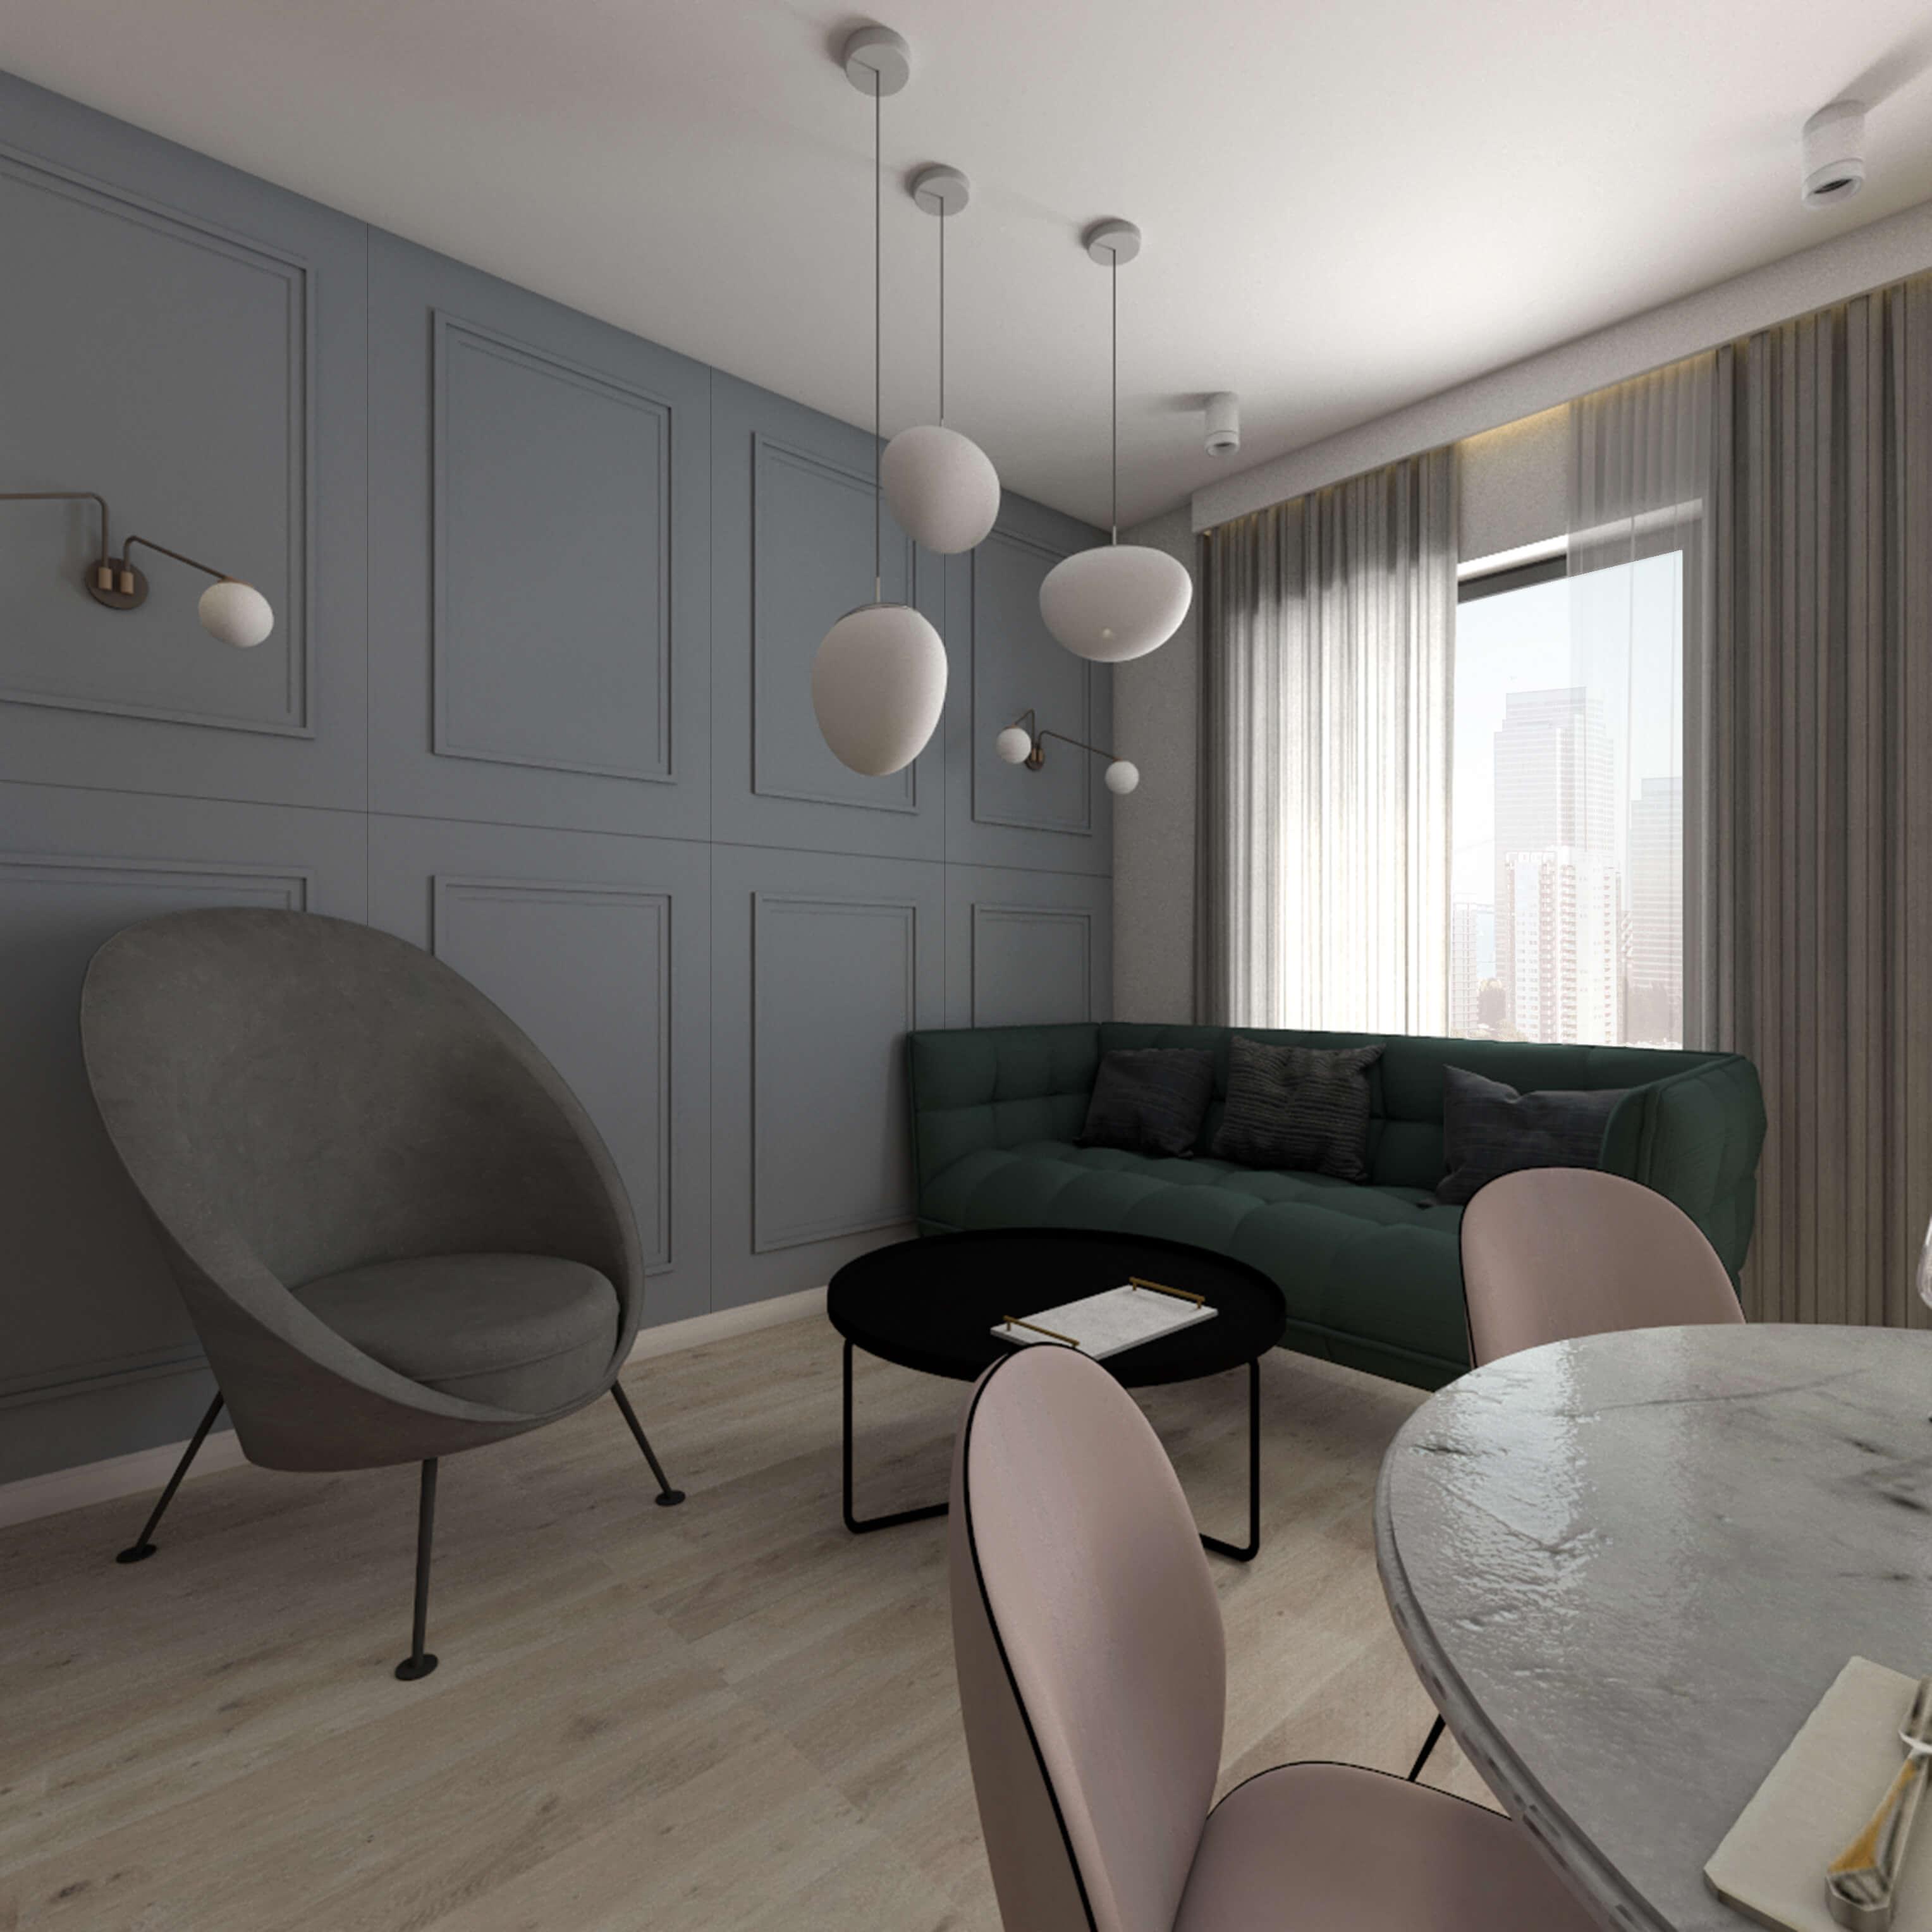 salon z zieloną kanapą i szarą zabudową ściany